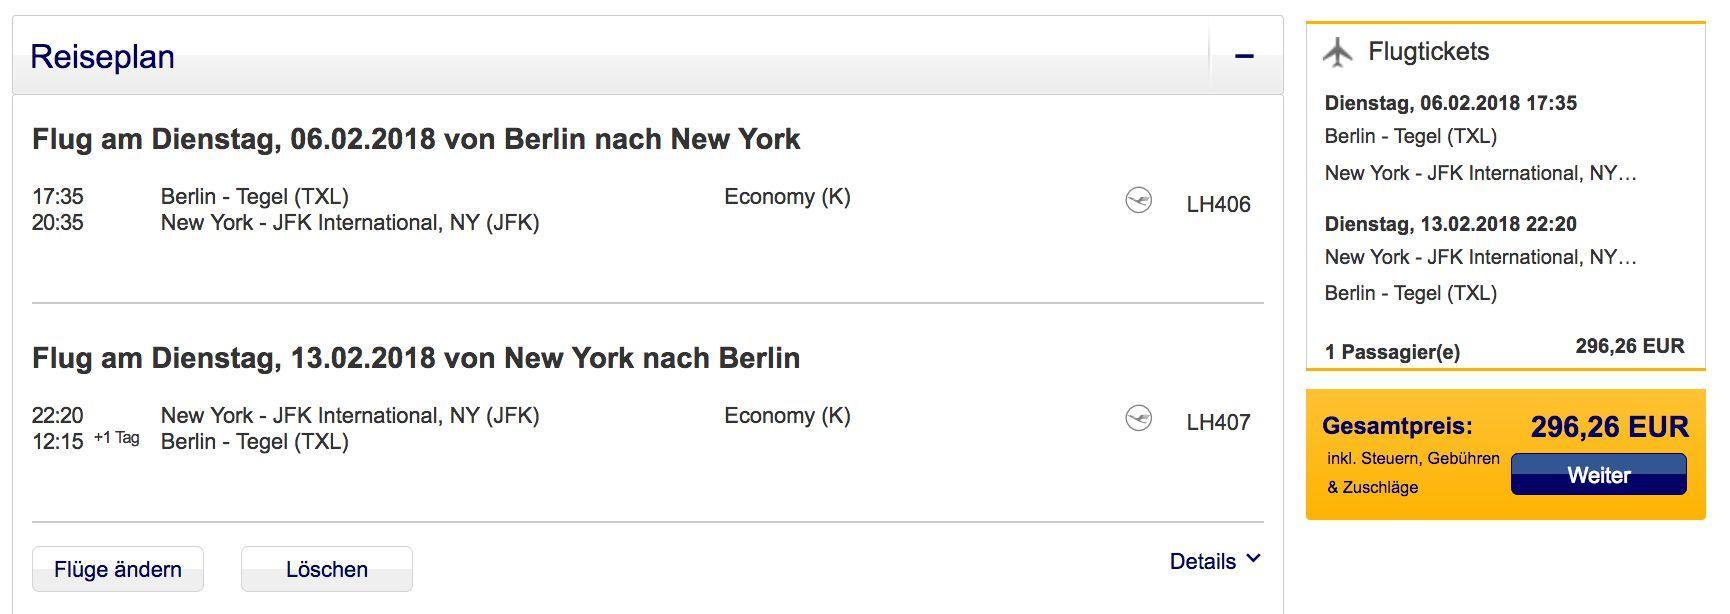 Lufthansa Nonstop Flüge Von Berlin Nach New York Ab 296 Euro